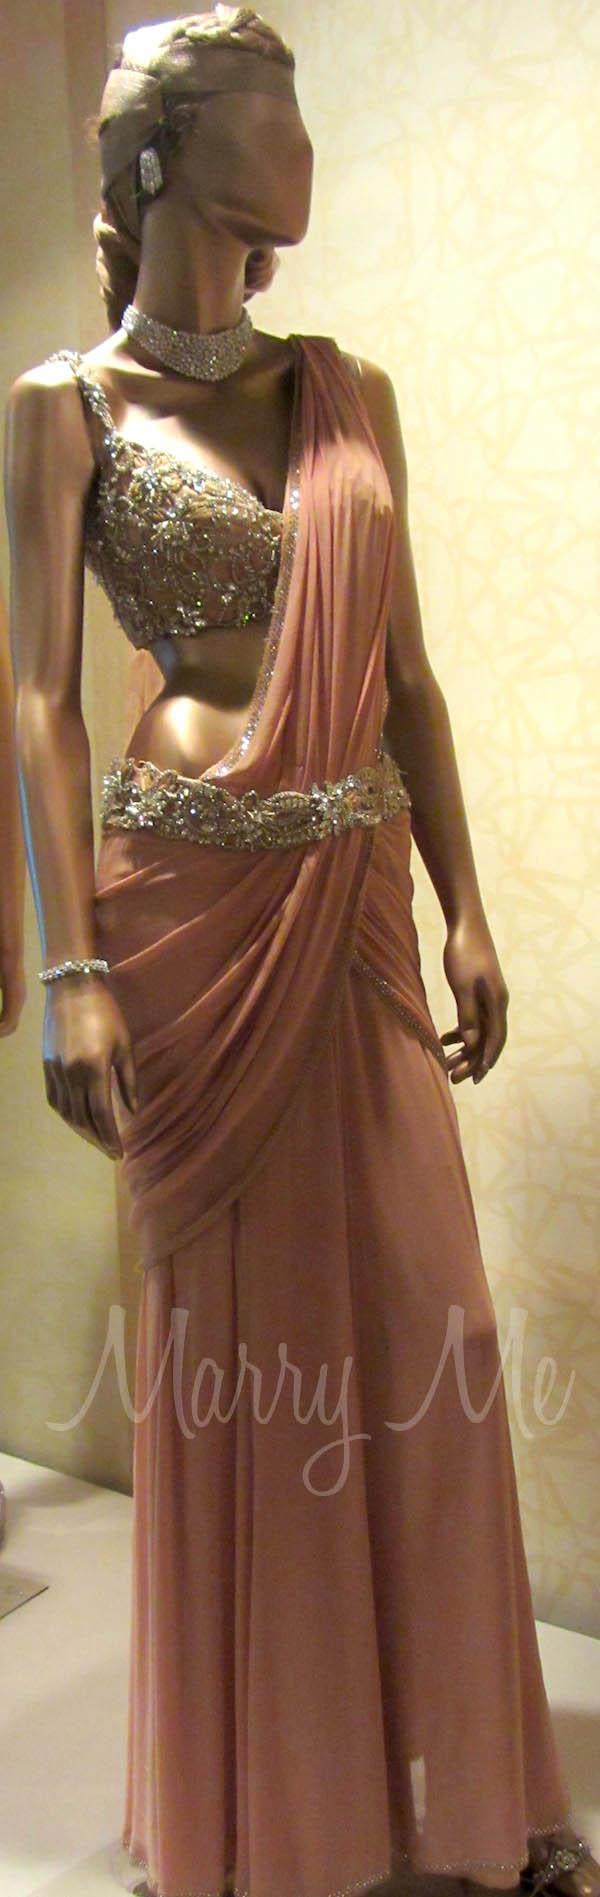 Bridal show Mumbai Tarun